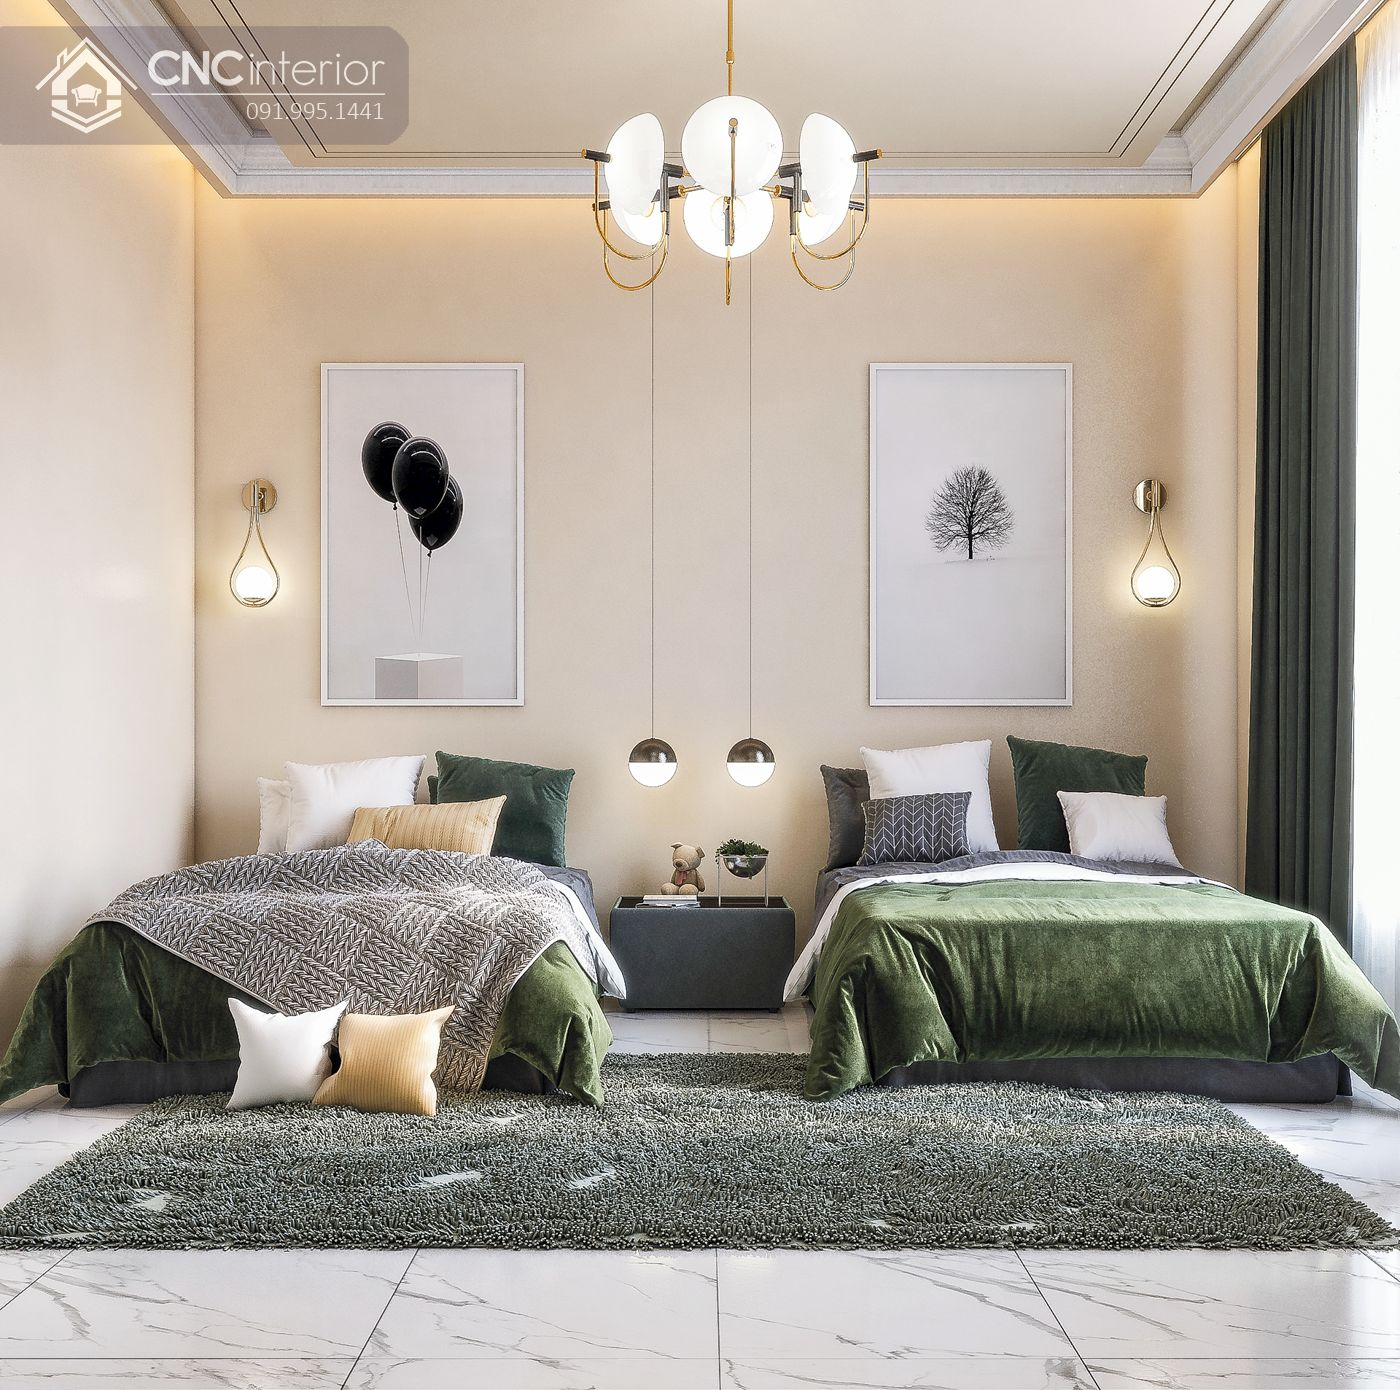 các mẫu thiết kế nội thất phòng ngủ đẹp 3